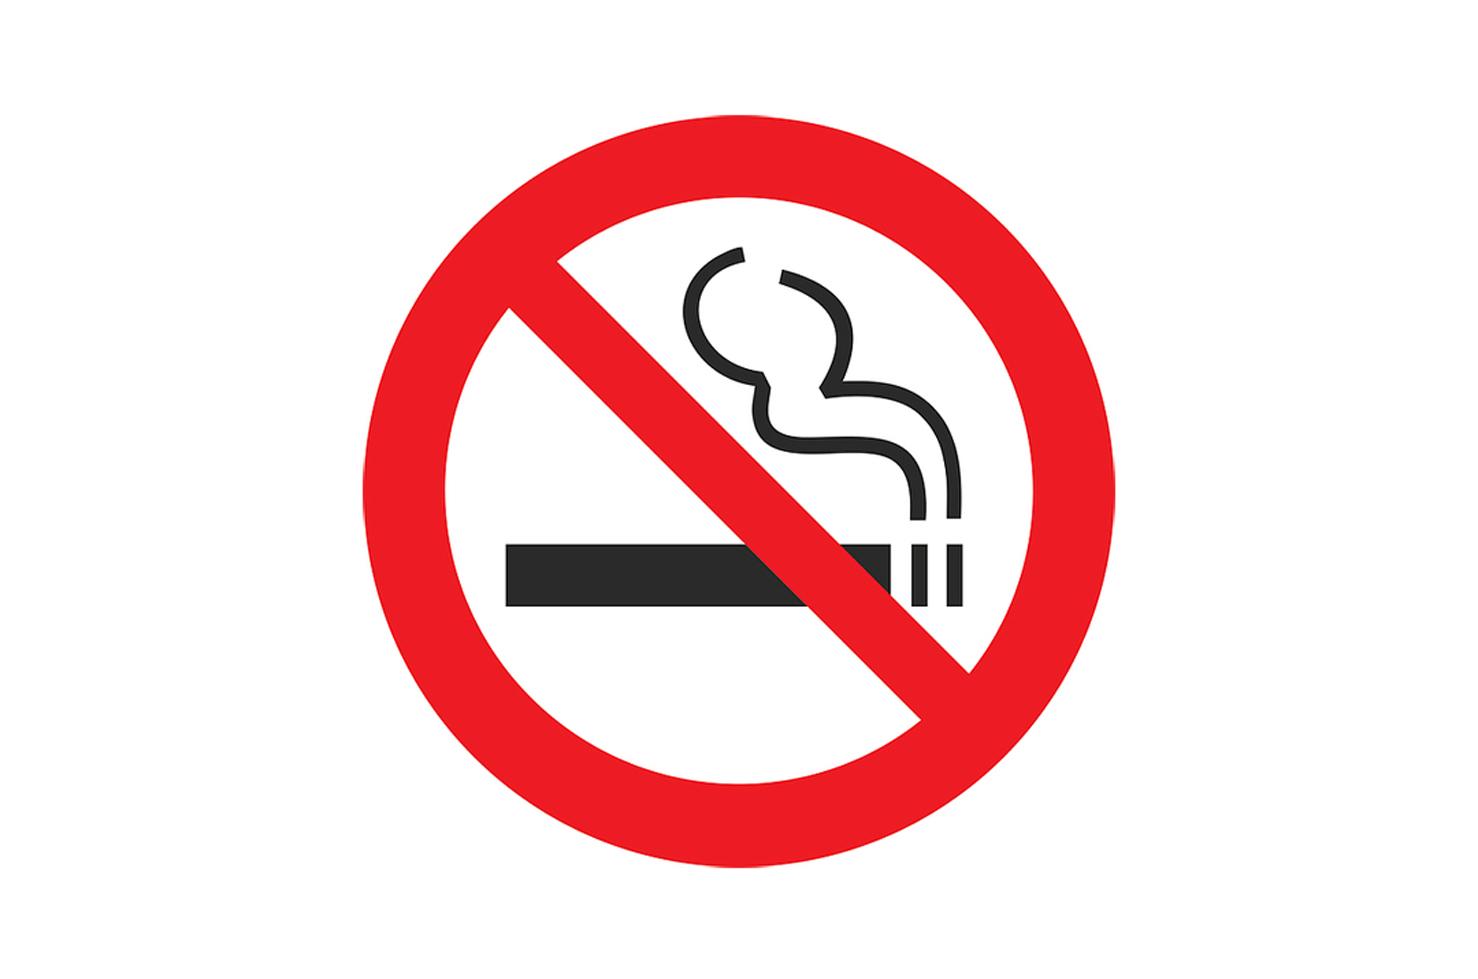 Para la comodidad y seguridad de nuestros clientes, tenemos publicada la política de No Fumar en nuestros vehículos y oficinas y verificamos que se cumpla.